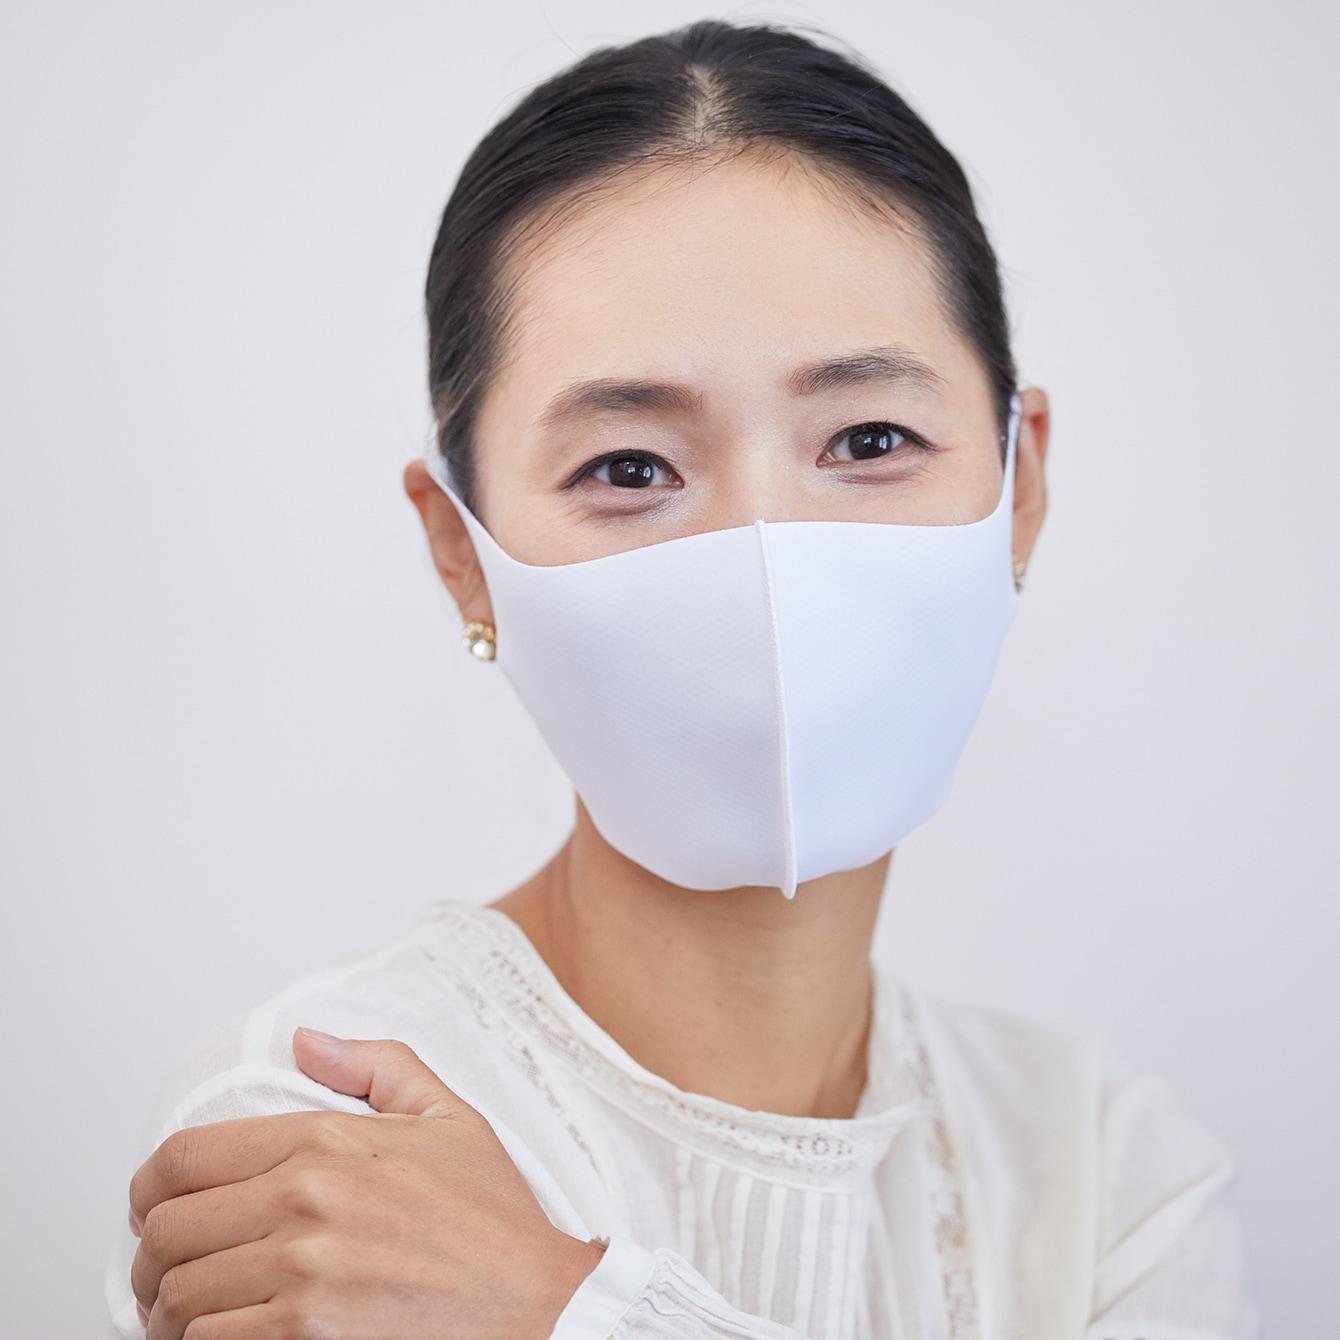 【マスクの色別メイク】白マスクには艶&ピンクの王道メイクを